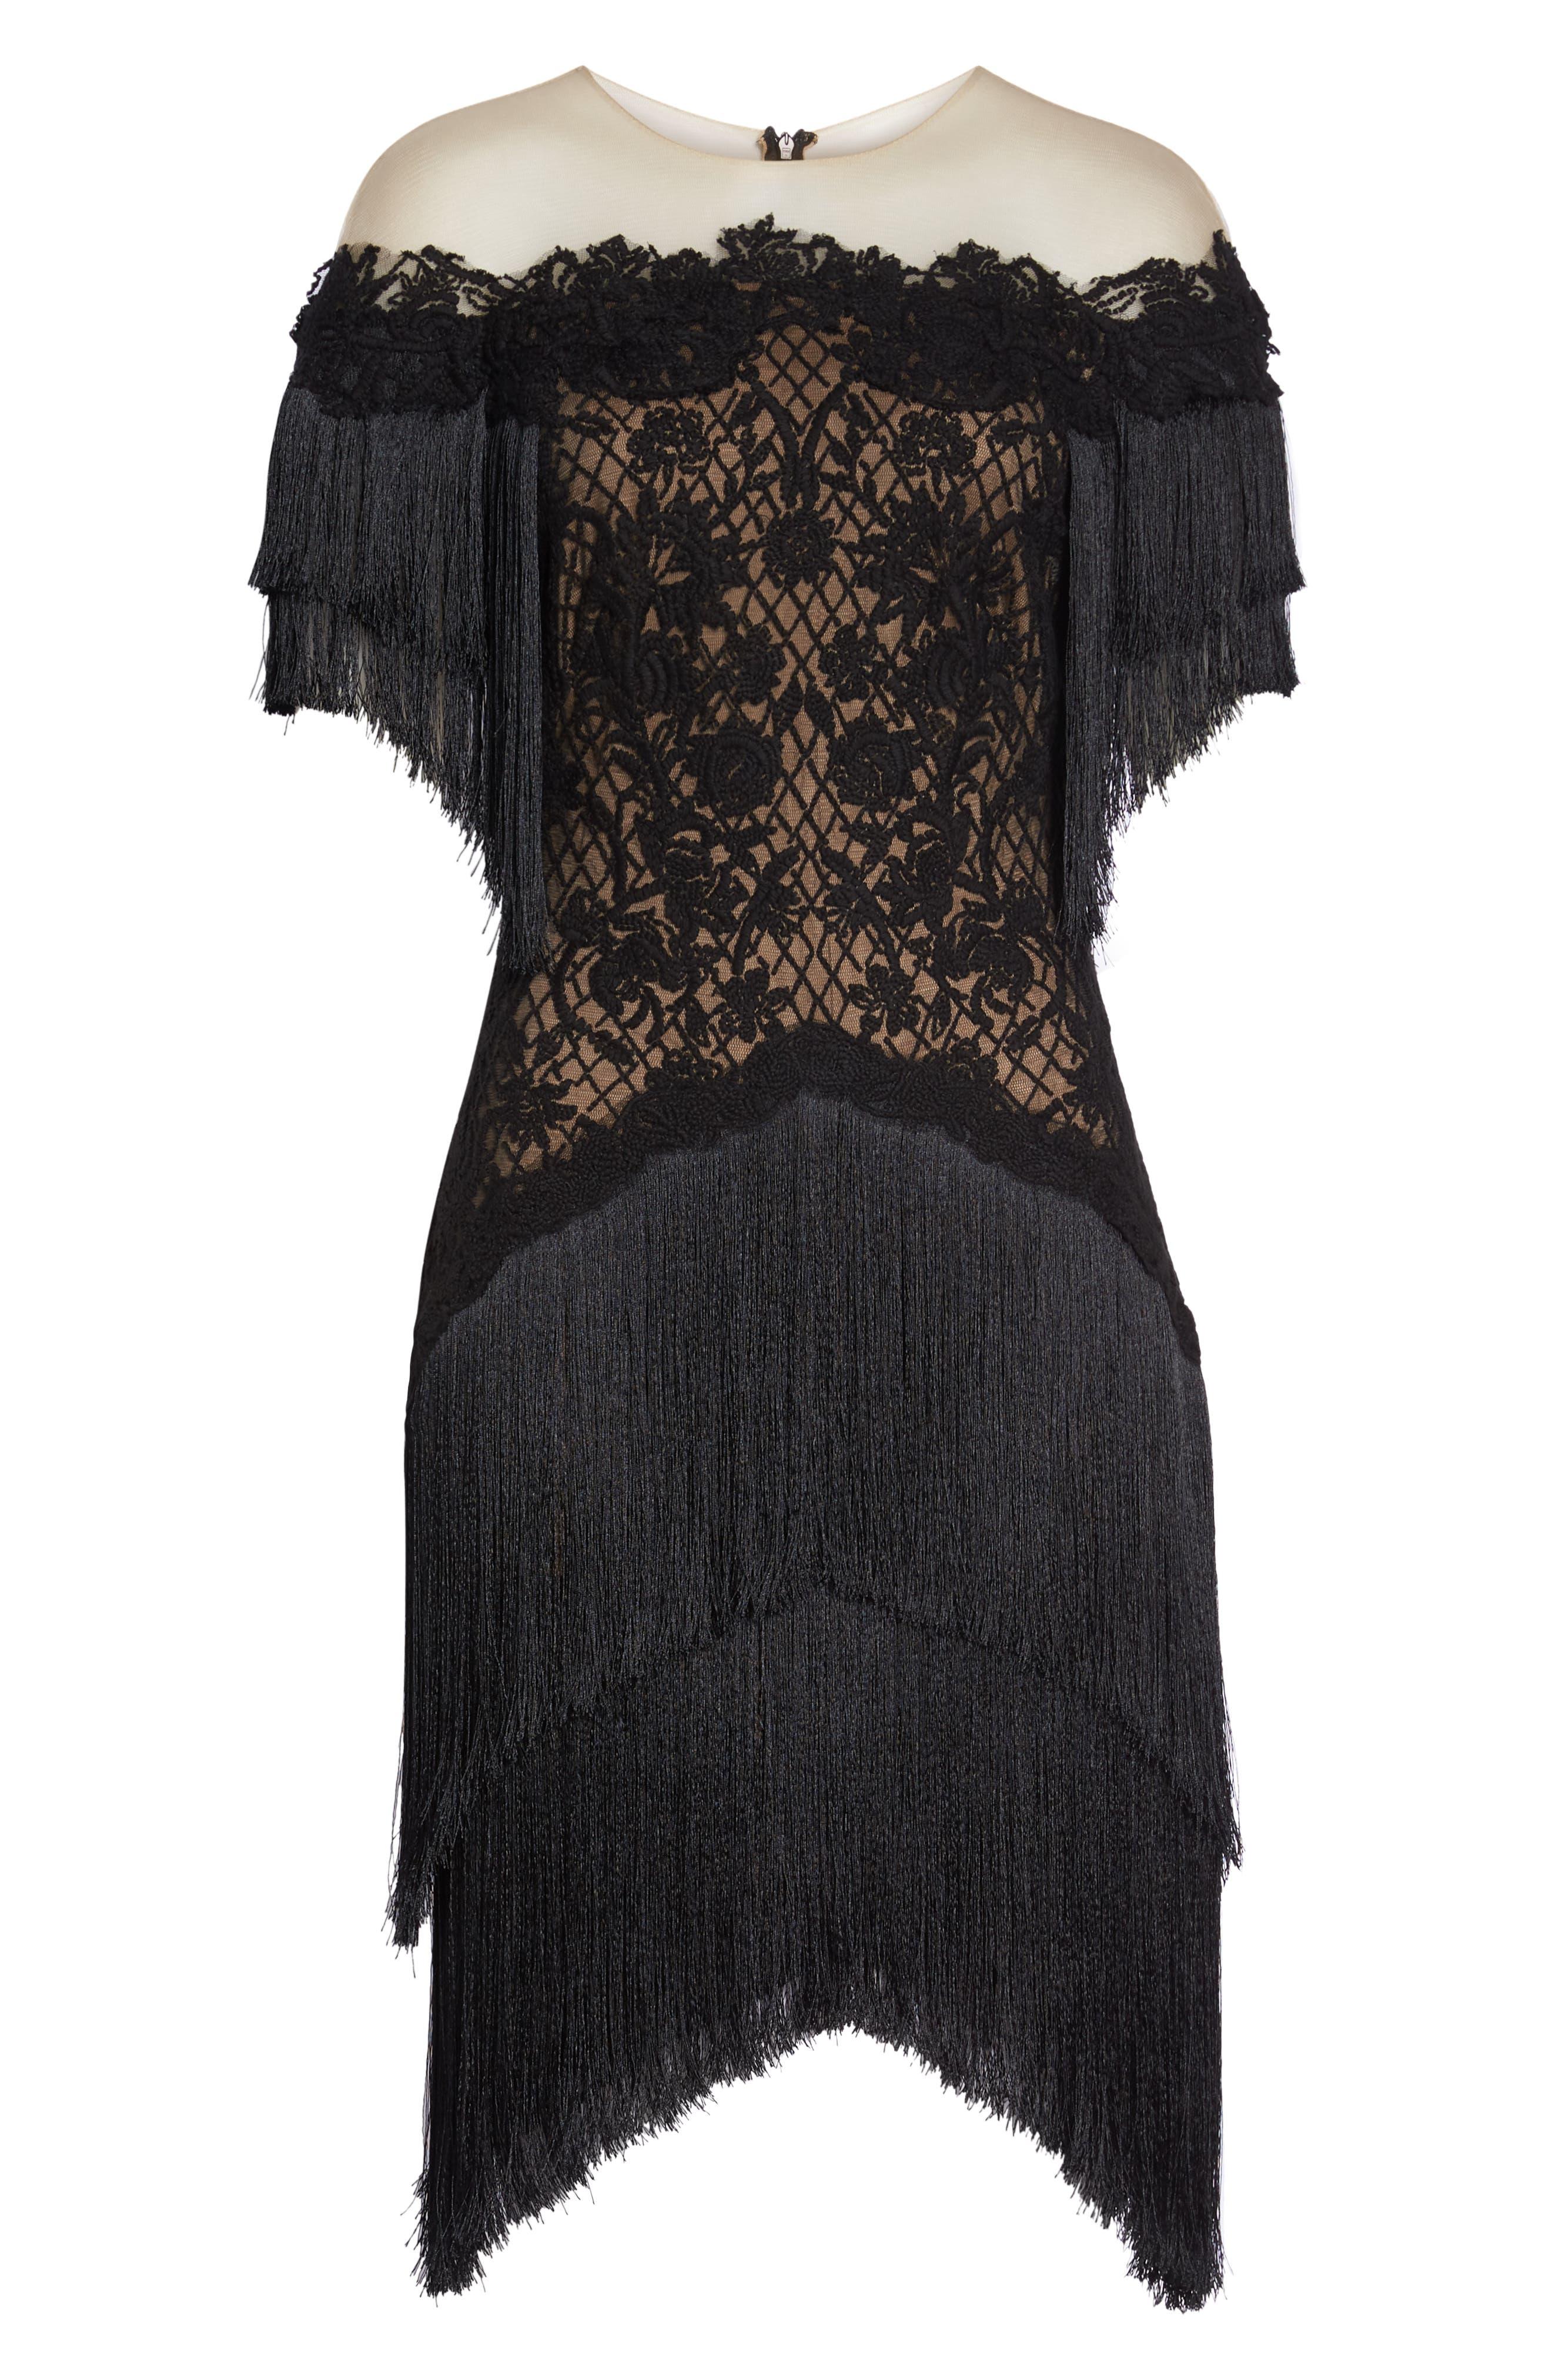 Off the Shoulder Fringe & Embroidered Mesh Dress,                             Alternate thumbnail 6, color,                             BLACK/ NUDE